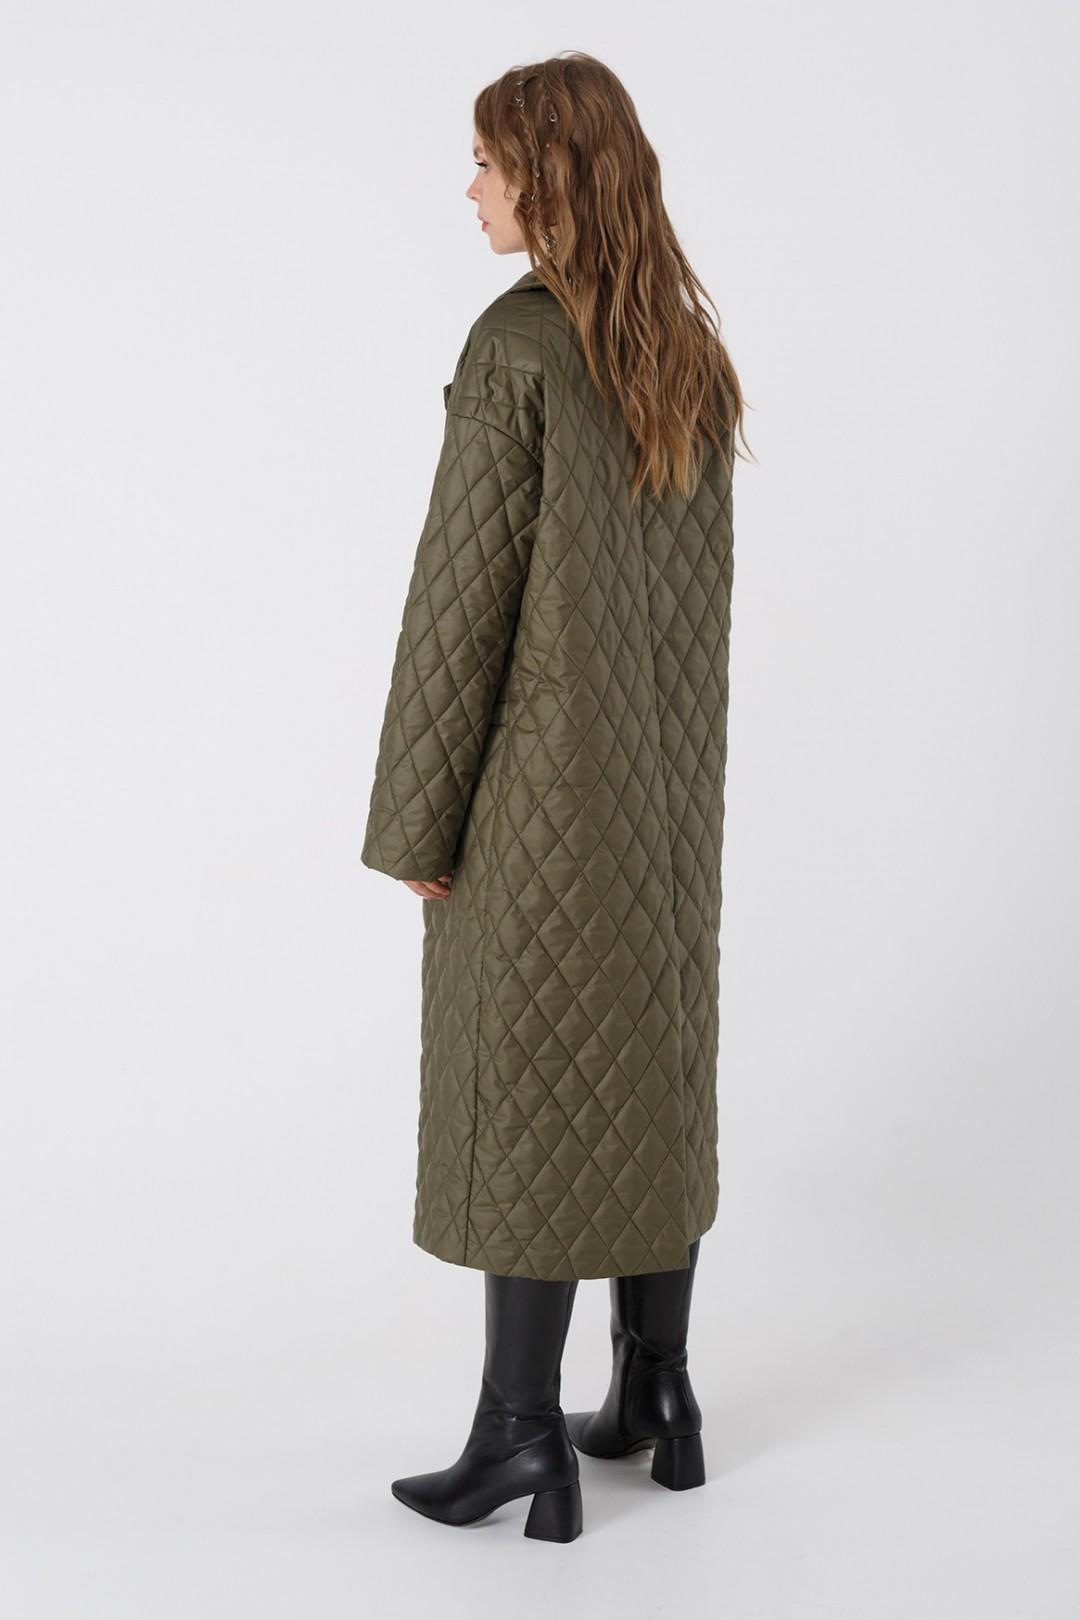 Пальто Pirs 3425 хаки